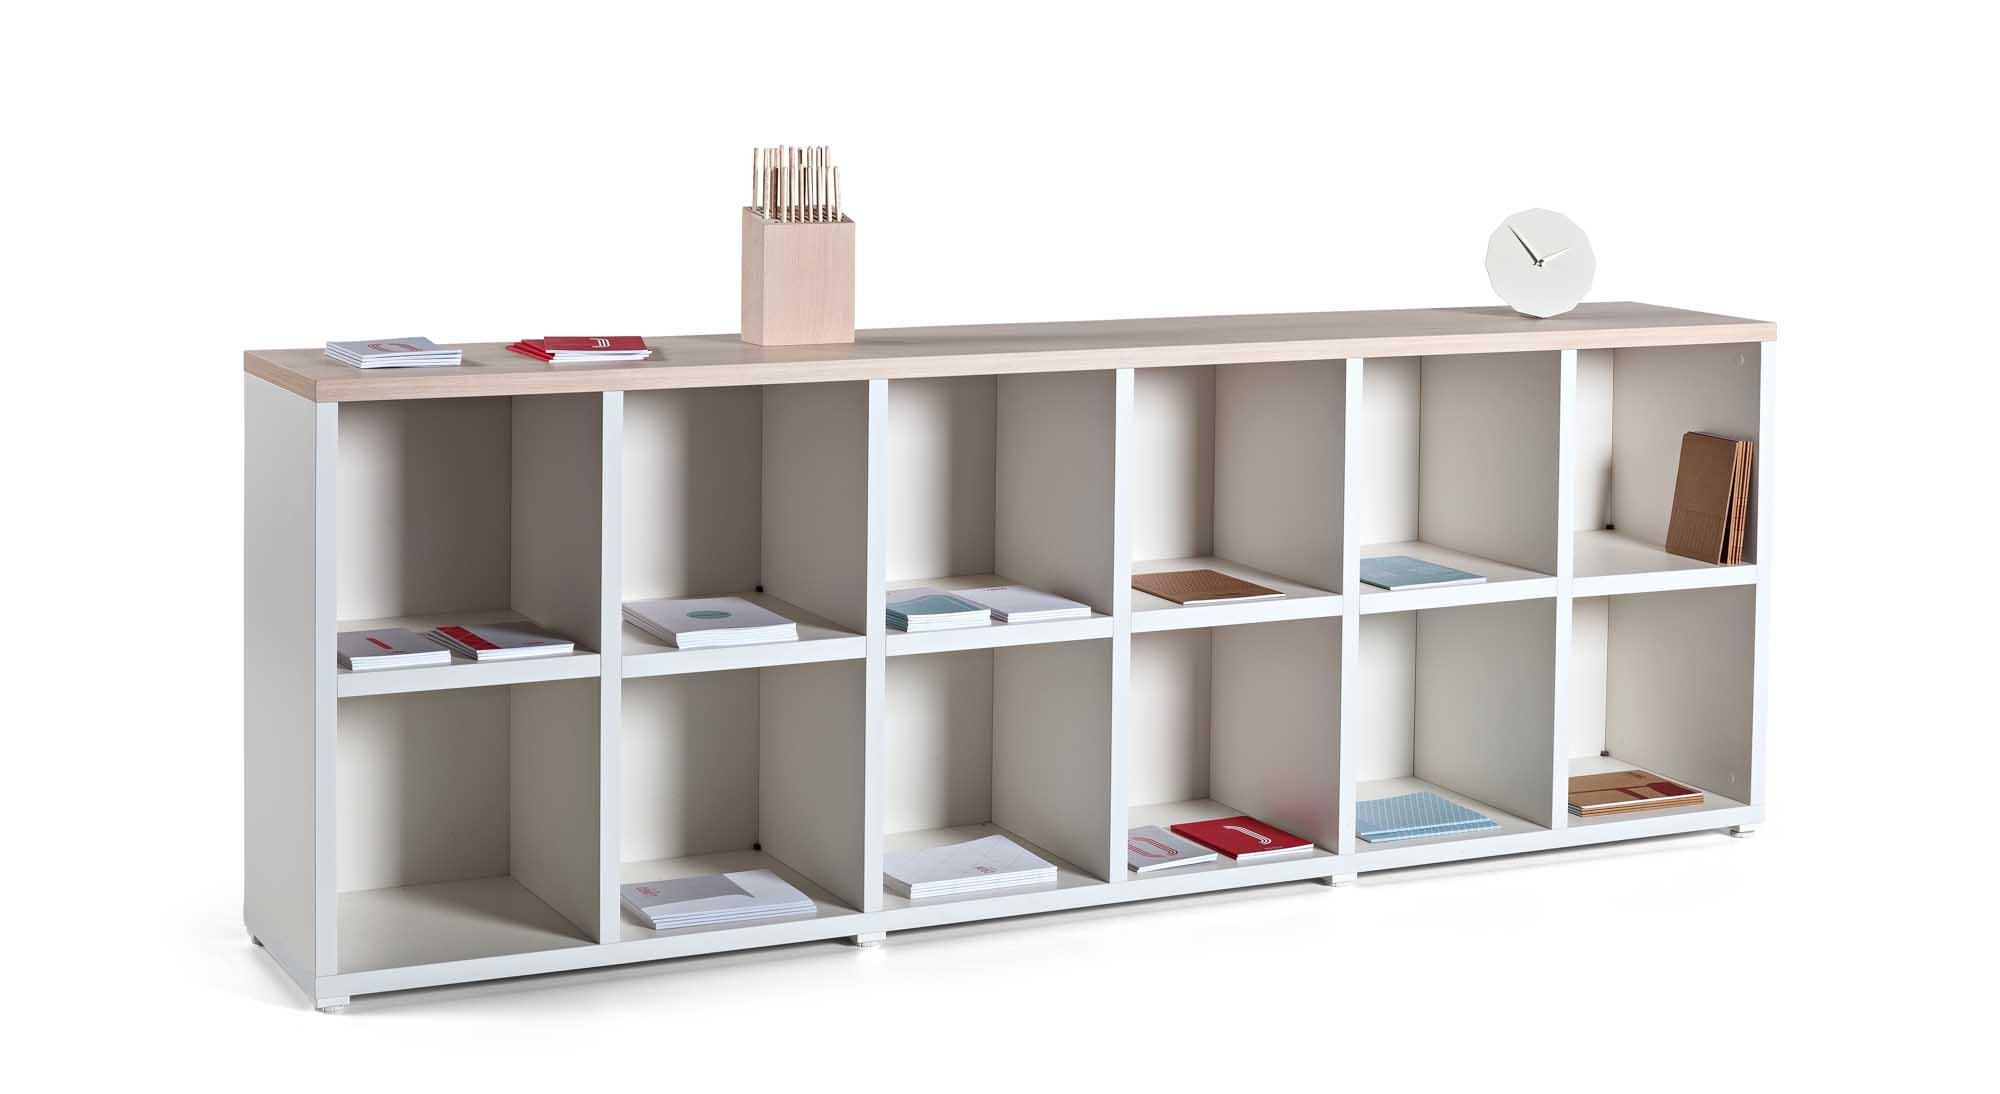 Estanter as modulares cubic muebles de oficina spacio - Estanterias metalicas modulares ...